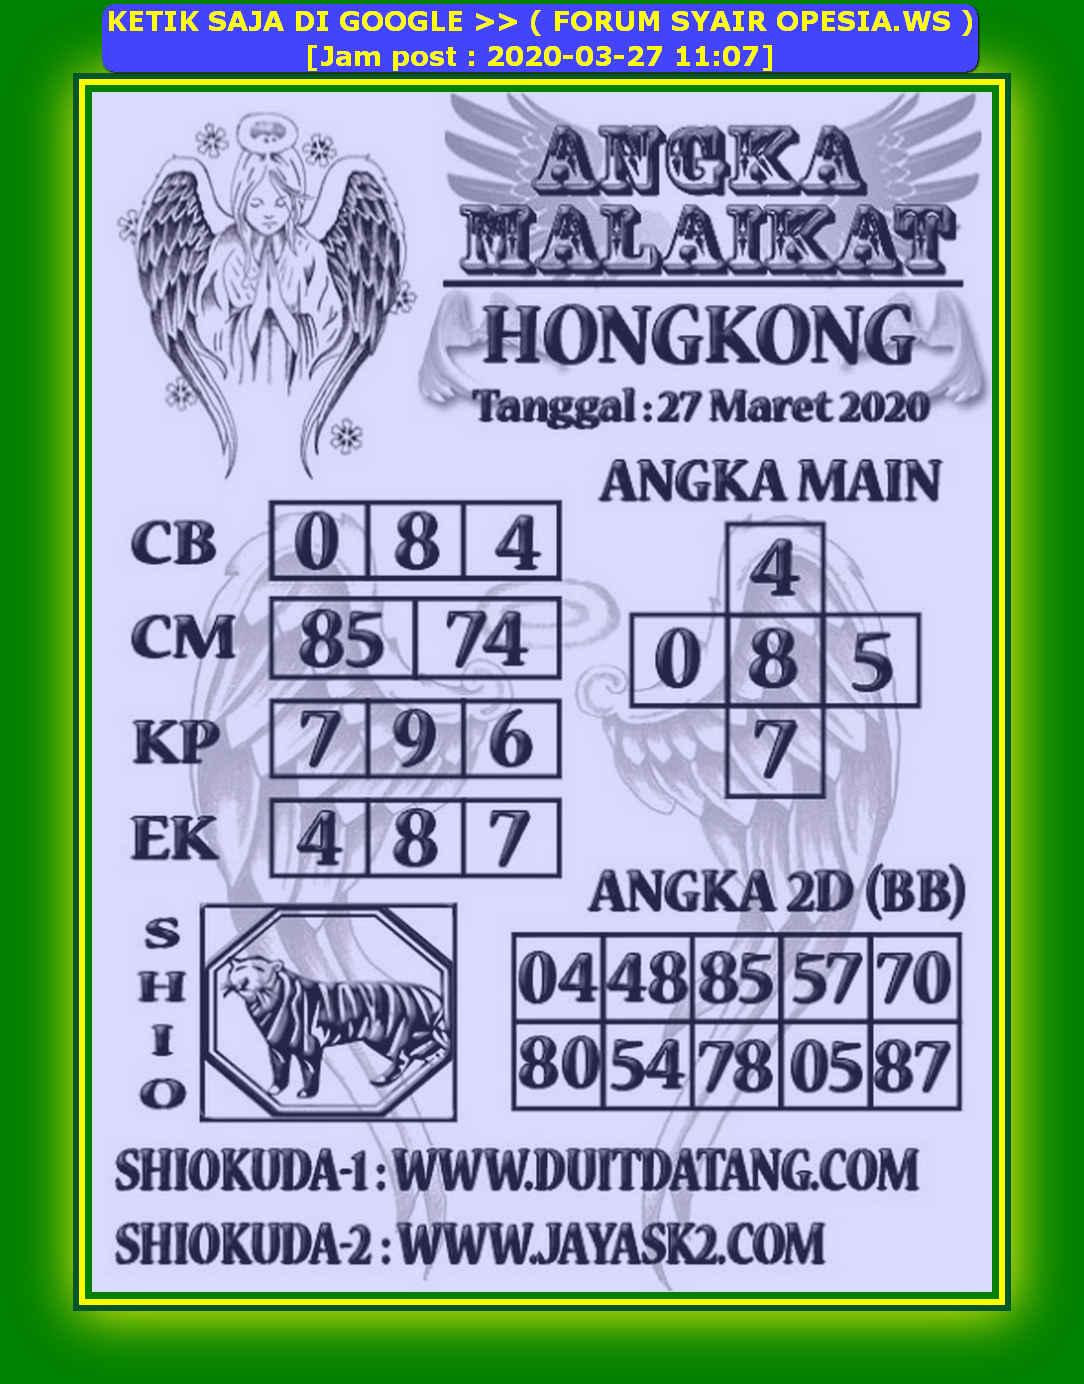 Kode syair Hongkong Jumat 27 Maret 2020 162